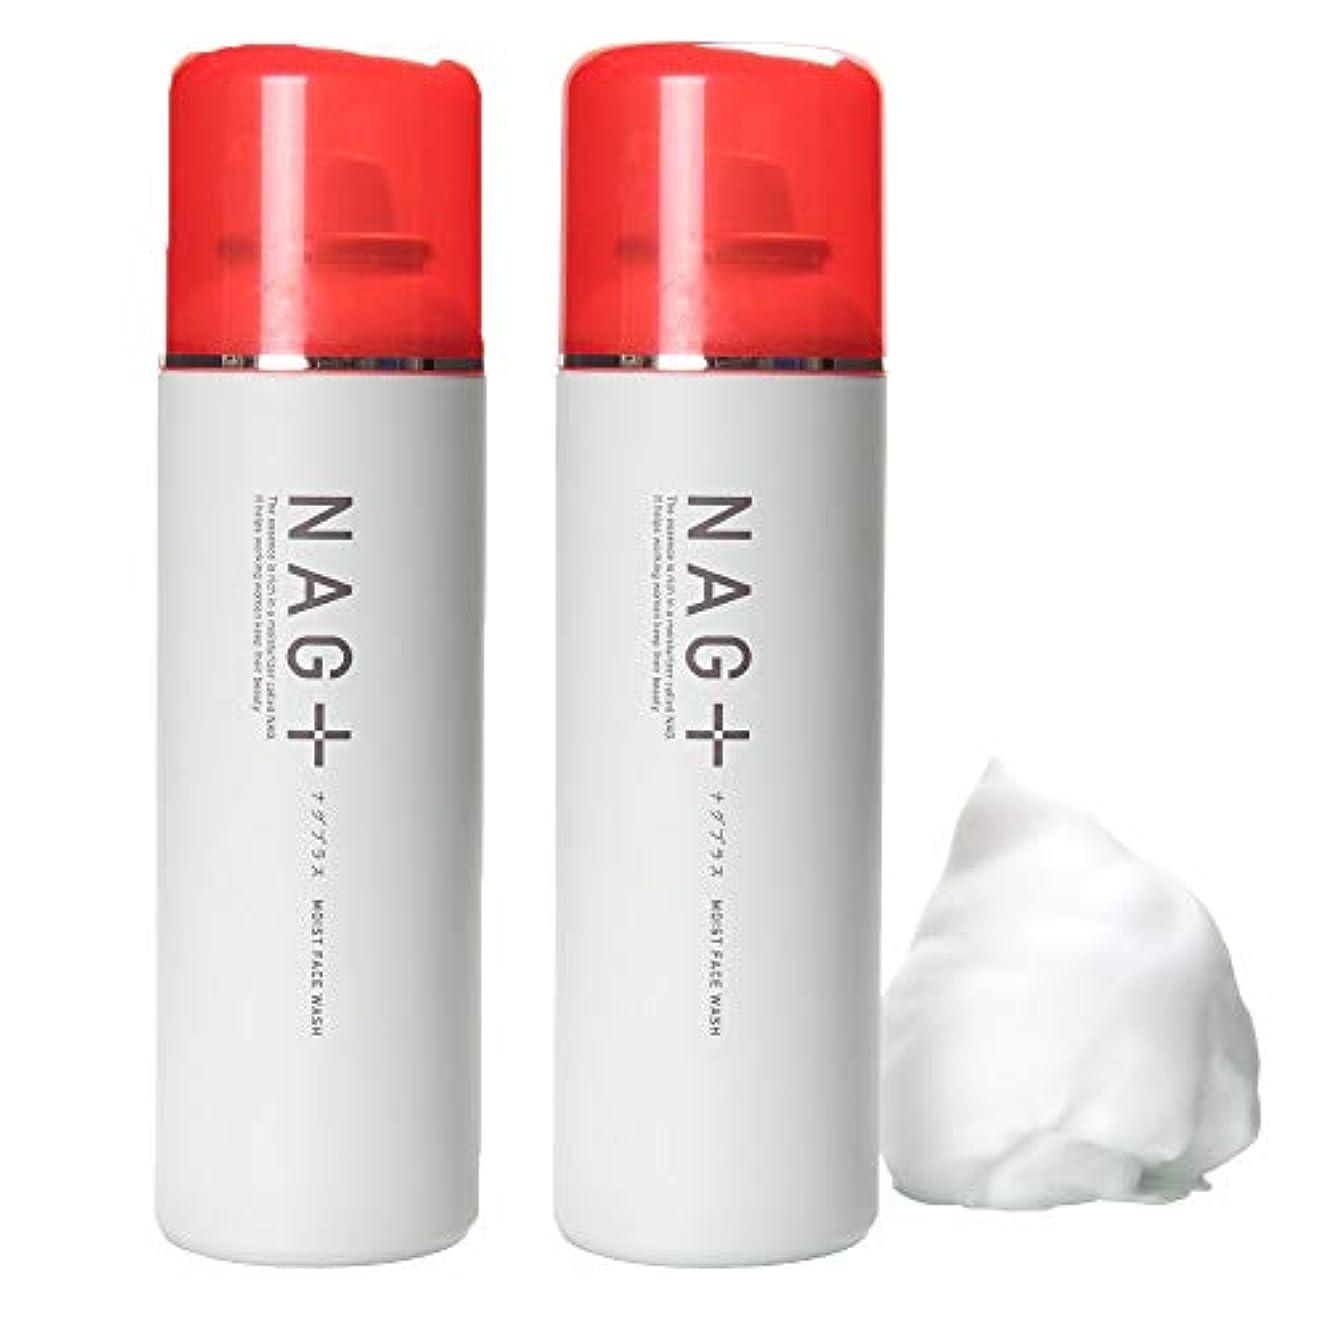 分好意的レタス保湿する泡洗顔 2本セット